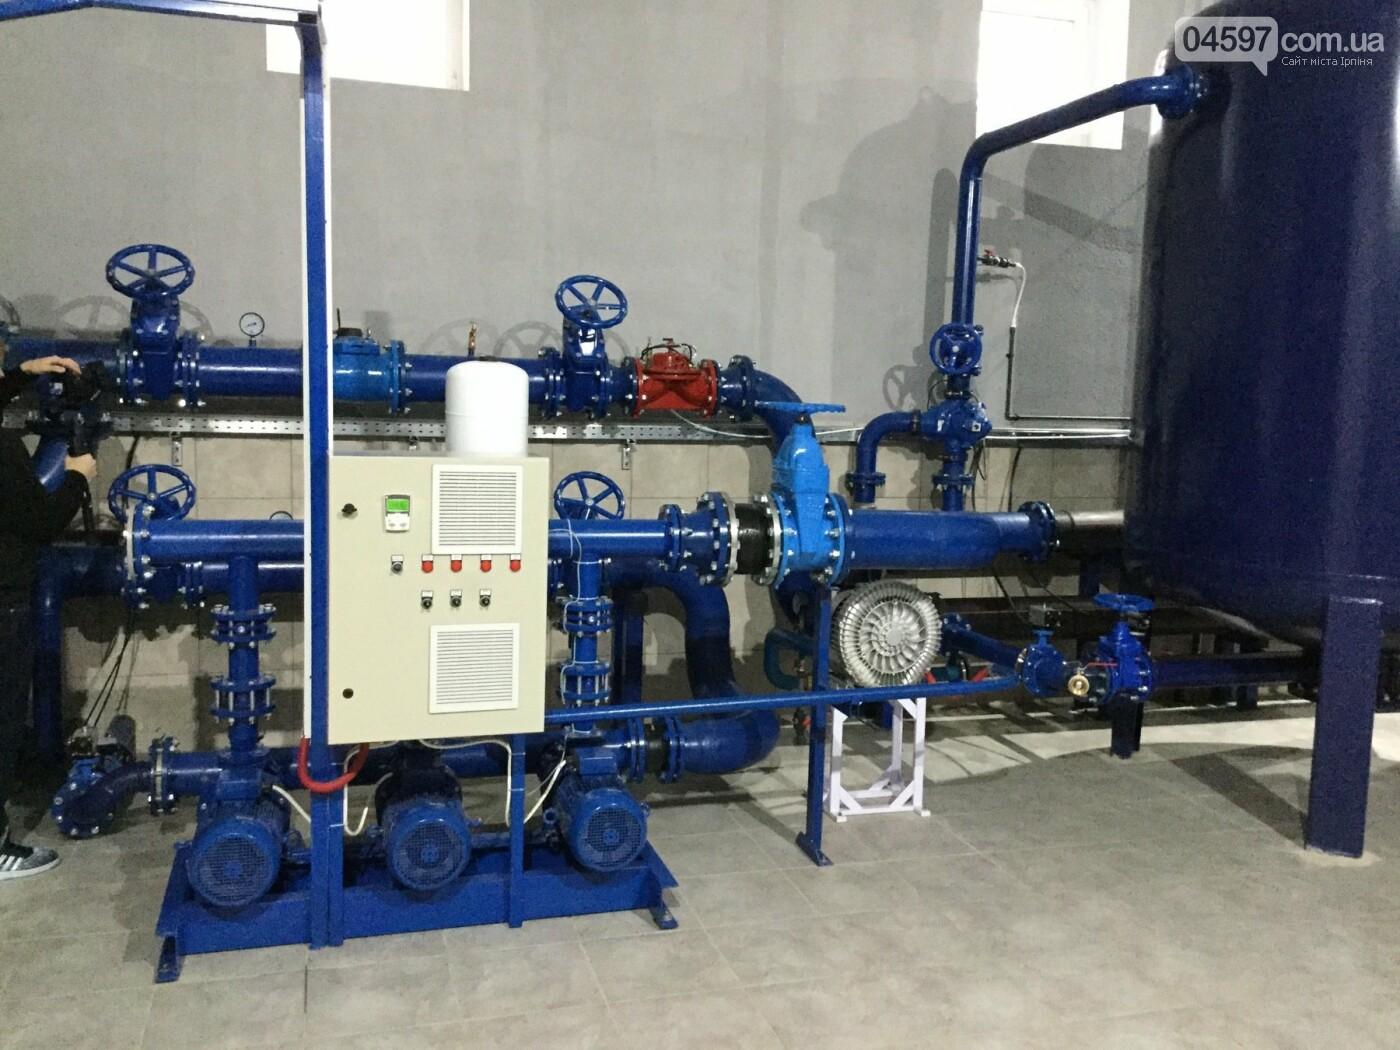 В Ірпені відкрили потужну станцію очистки води, фото-3